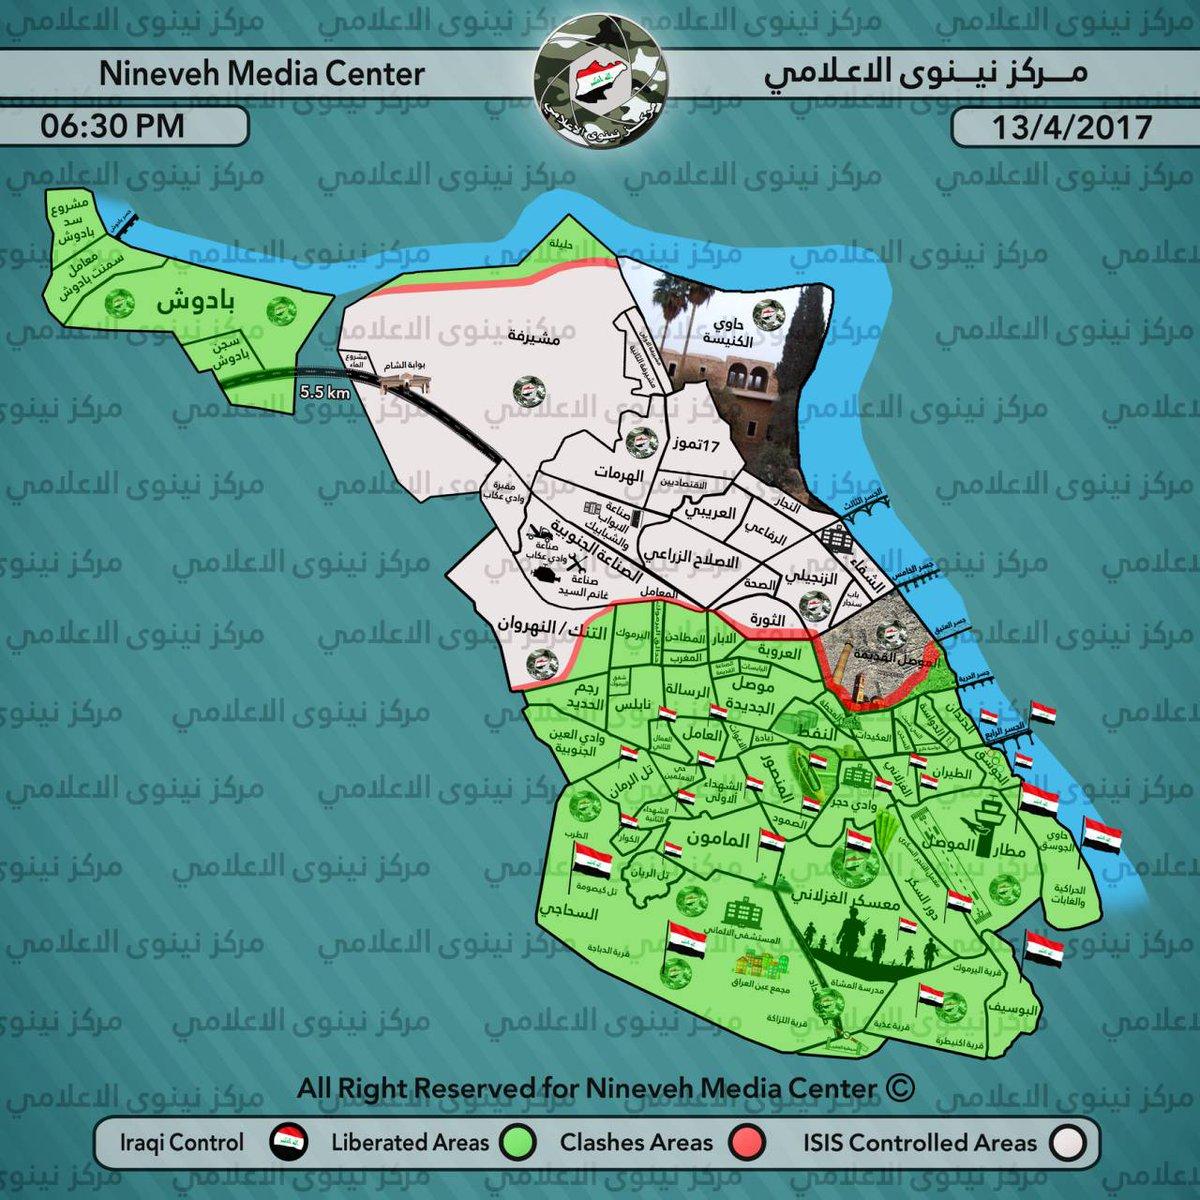 معركة الموصل - صفحة 6 C9TbMiwXUAEO3Jl